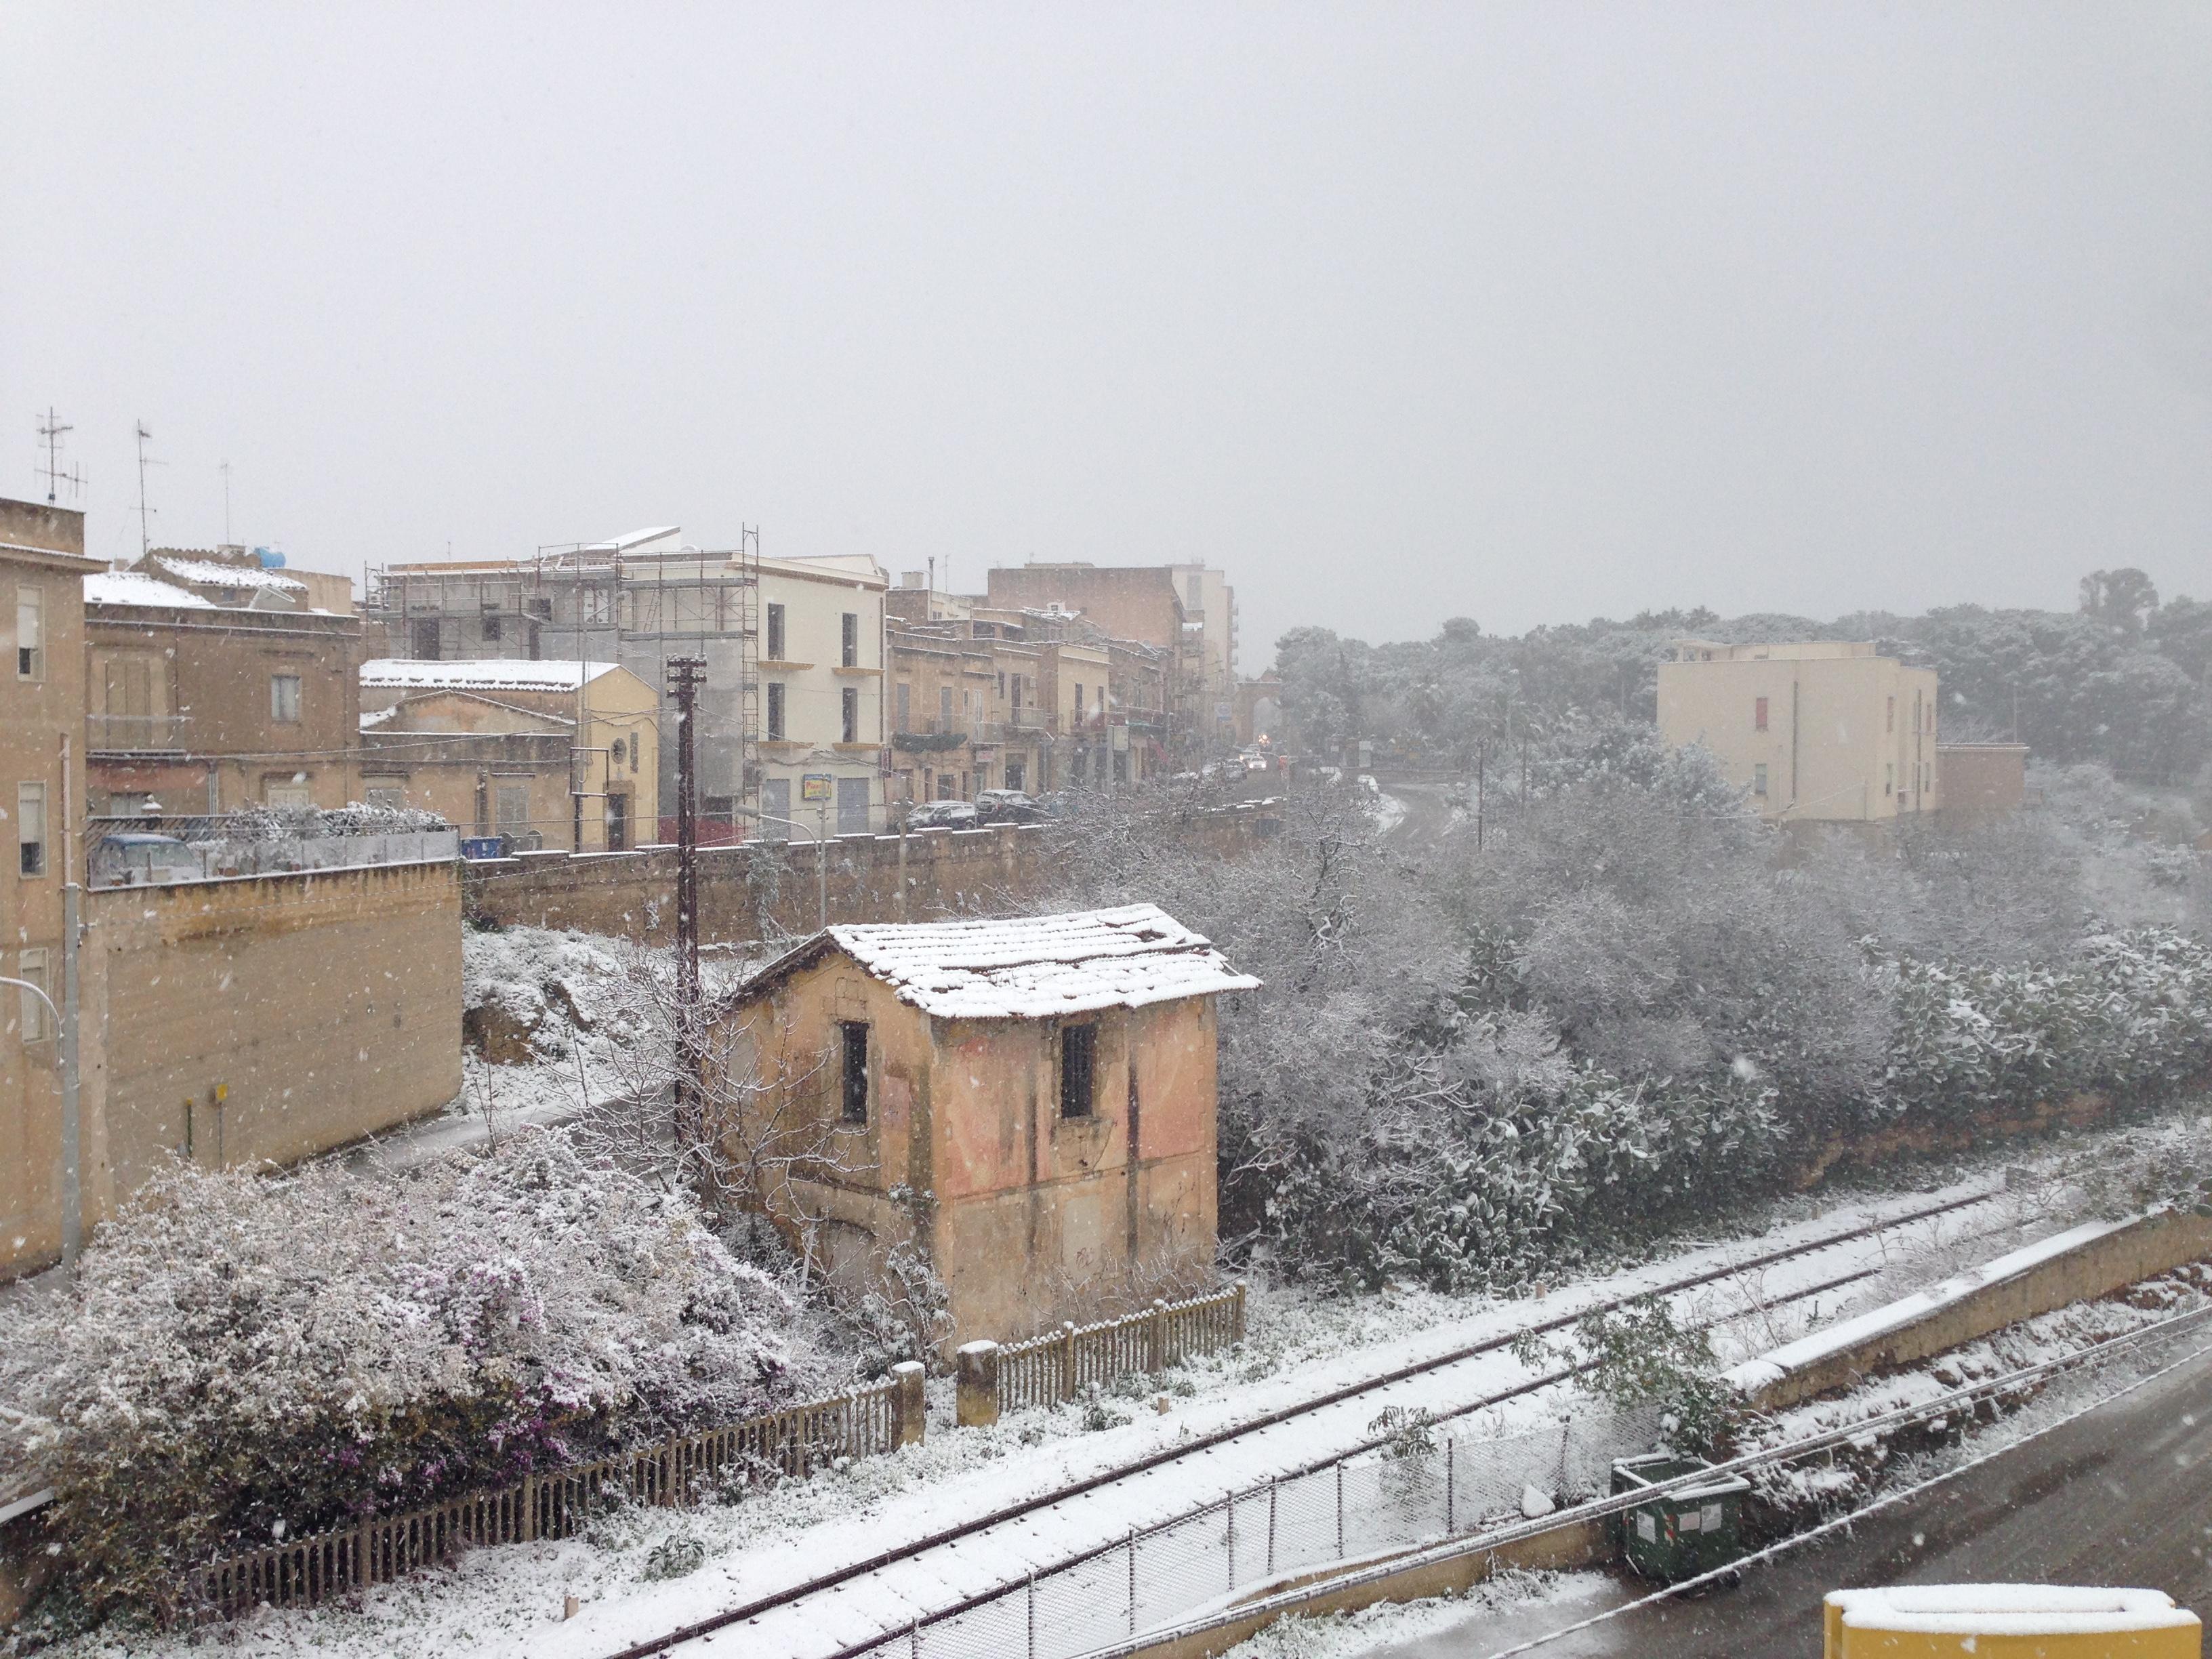 Nella giornata del 4 gennaio dell'Epifania arriverà una pressione di aria fredda che porterà neve anche a bassissime quote.